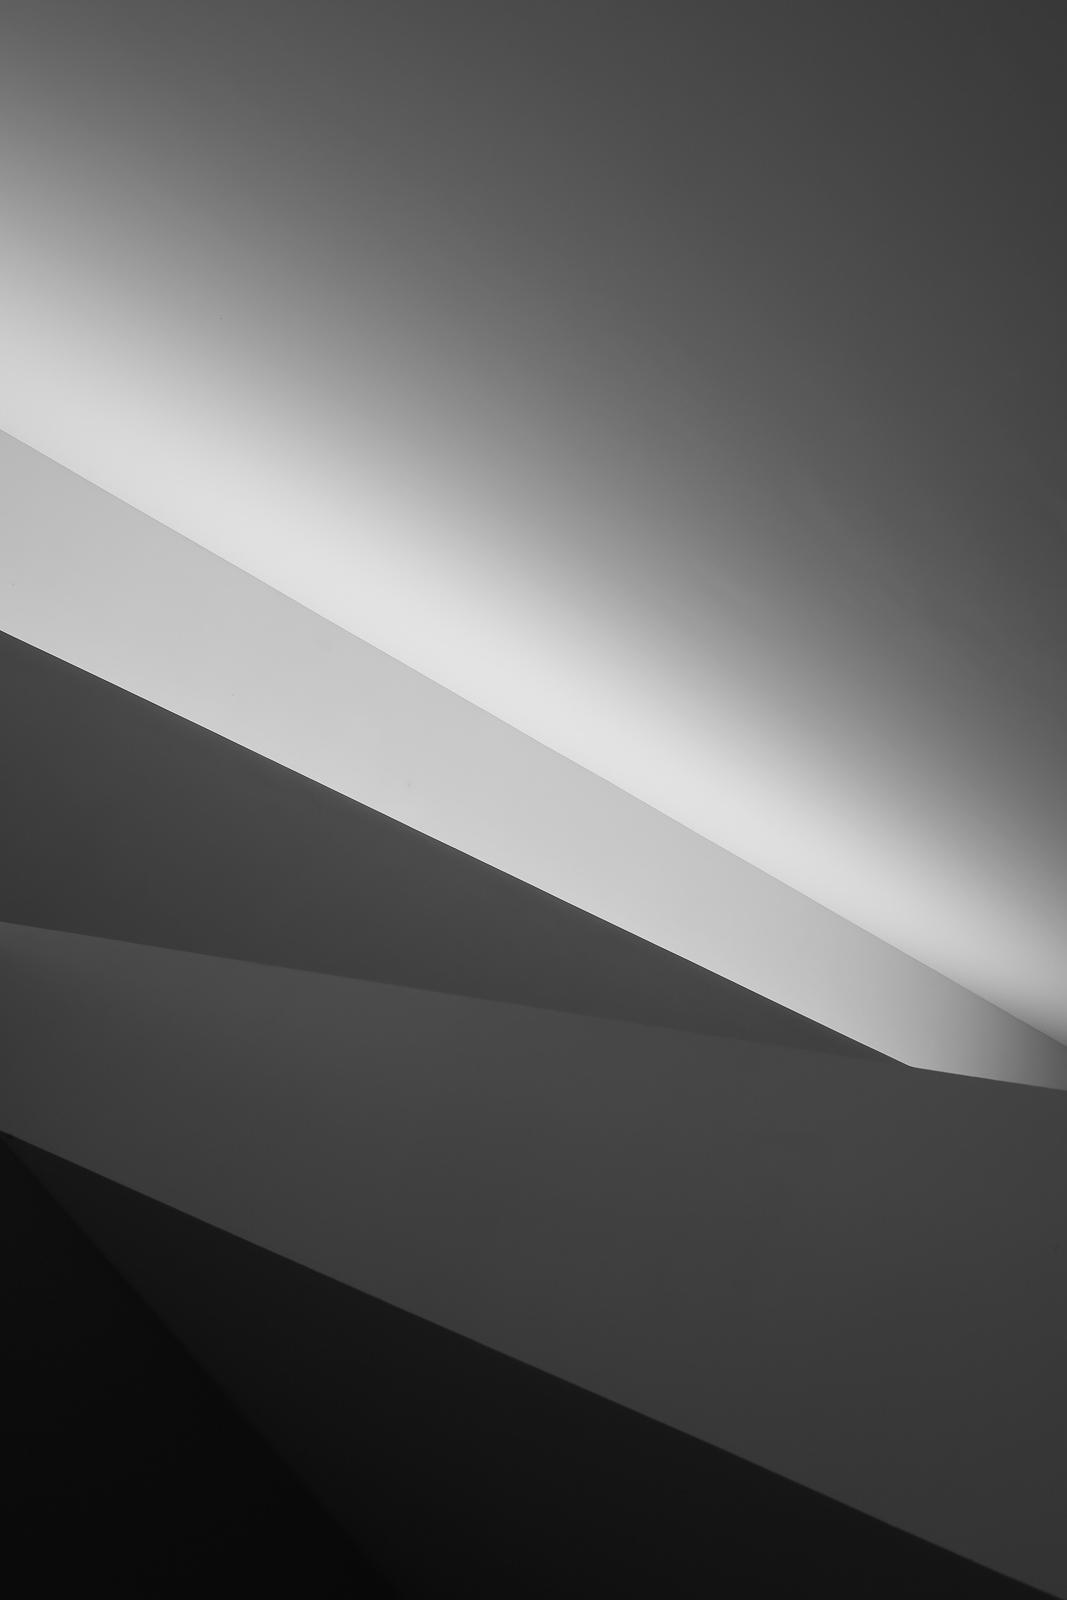 Pinakothek der Moderne, München | Architect  Stephan Braunfels Architekten